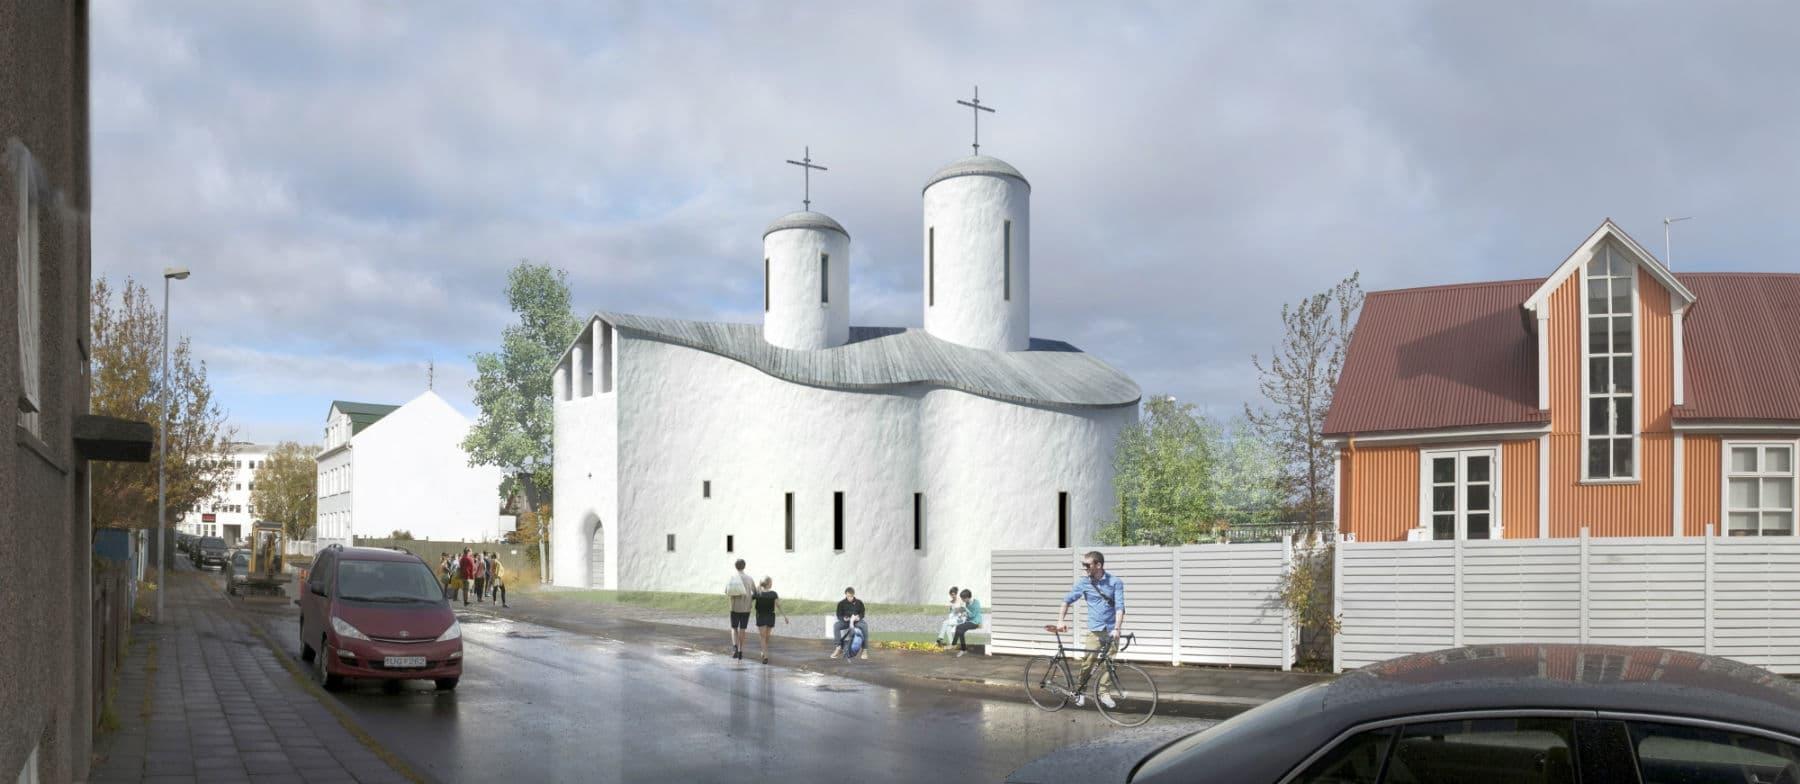 Проект Никольского храма в Рейкьявике